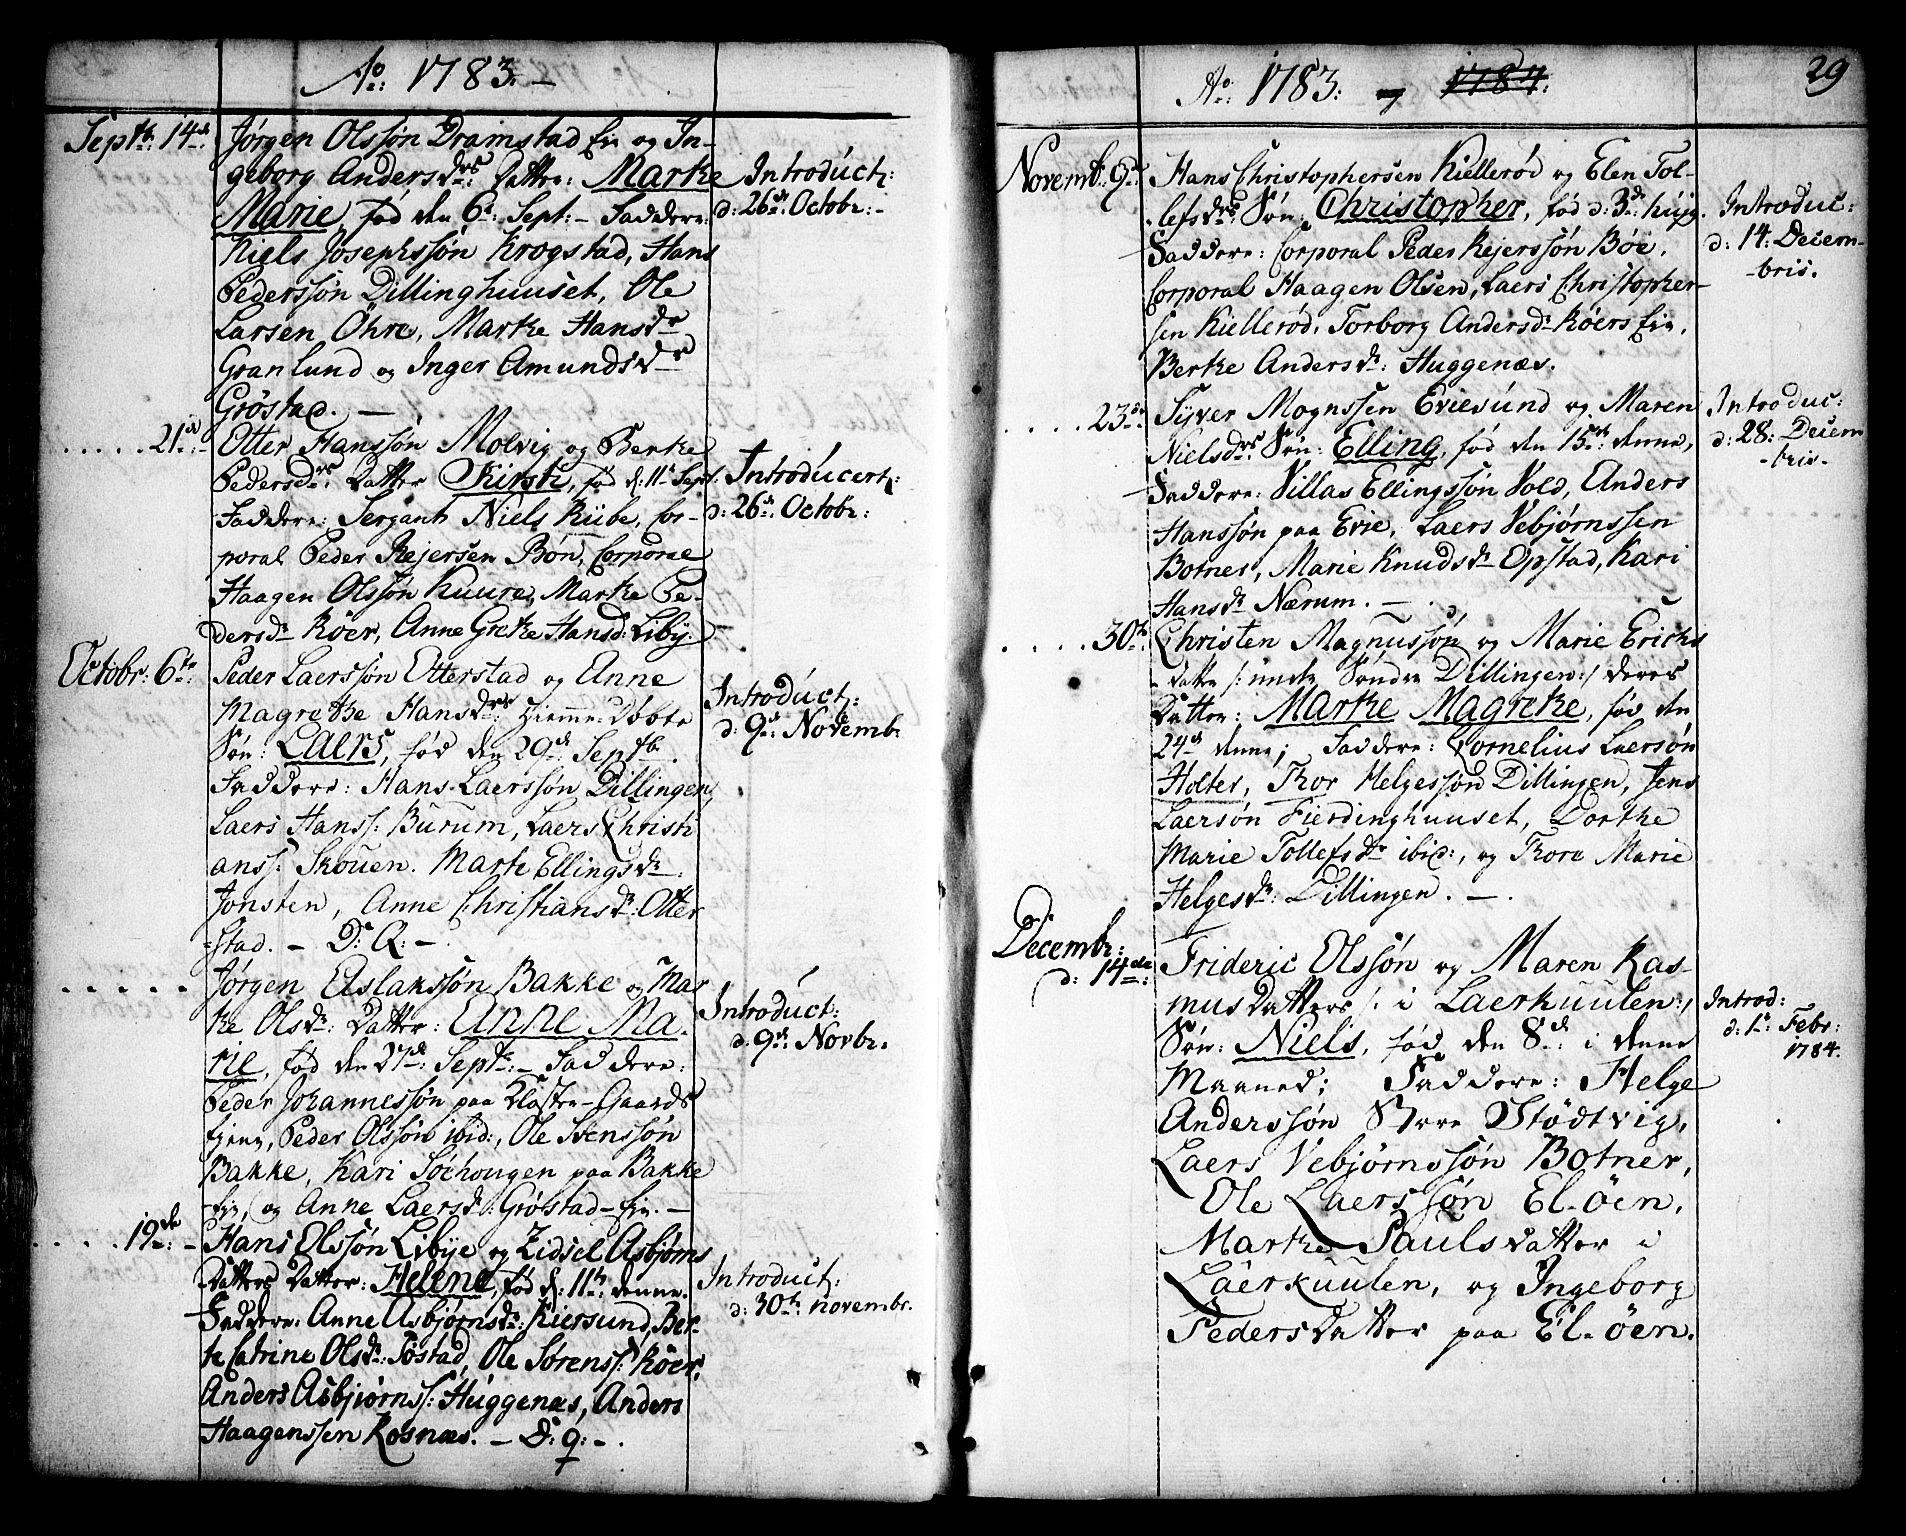 SAO, Rygge prestekontor Kirkebøker, F/Fa/L0002: Ministerialbok nr. 2, 1771-1814, s. 29